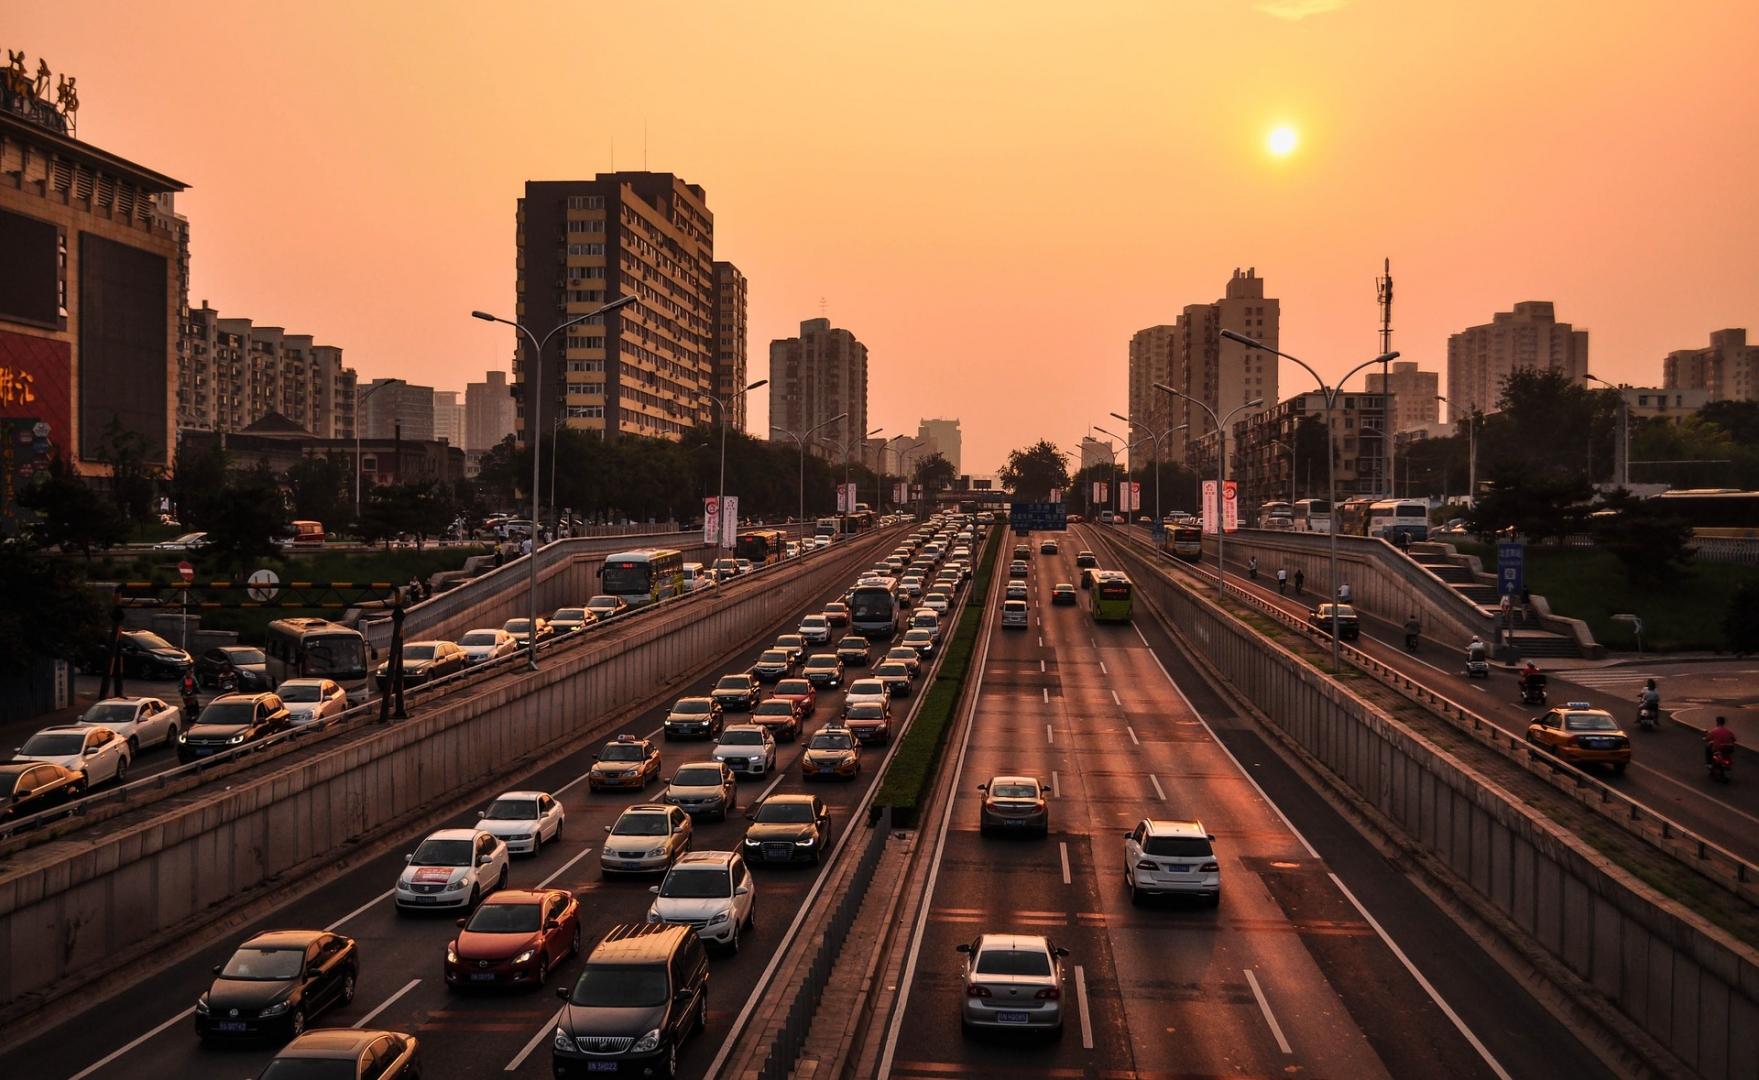 Автомобильное движение в Пекине